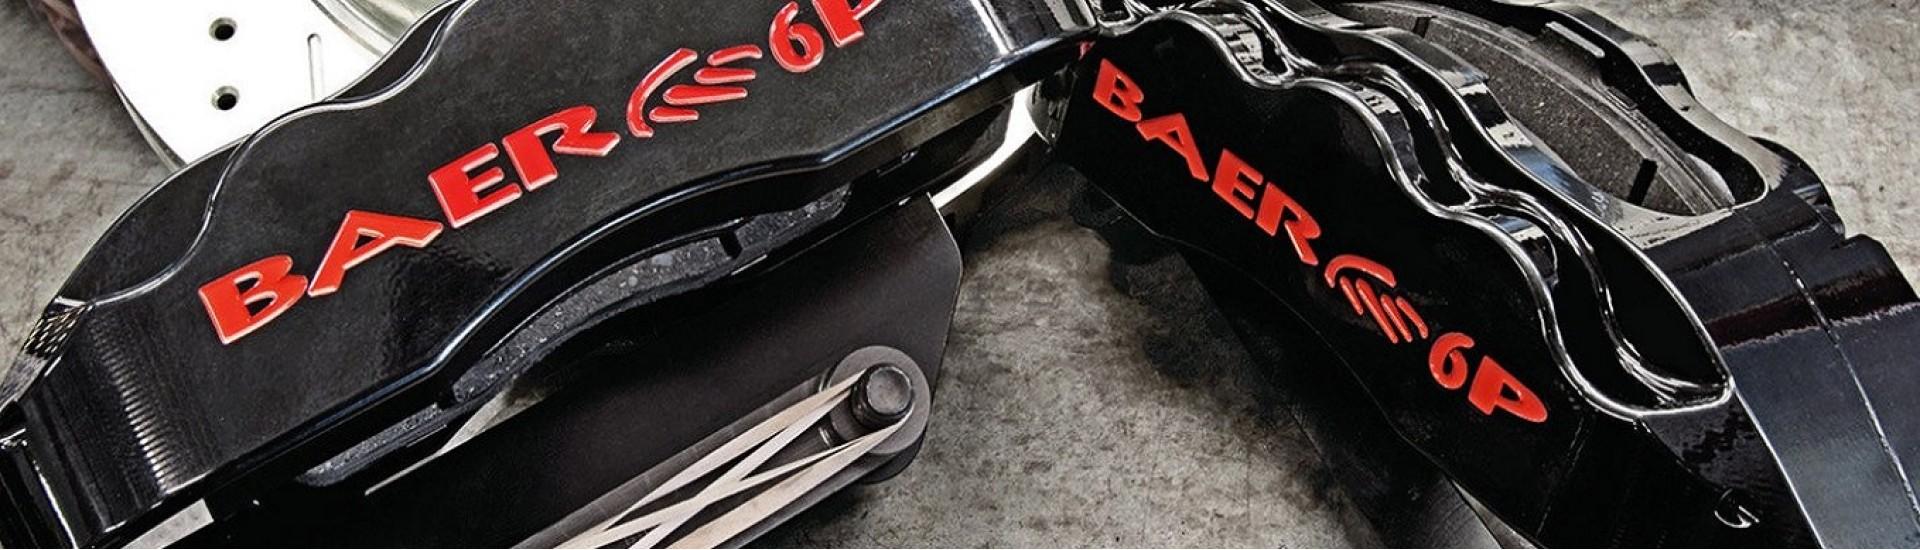 کالیپر ، قیمت کالیپر ،  performance brake calipers